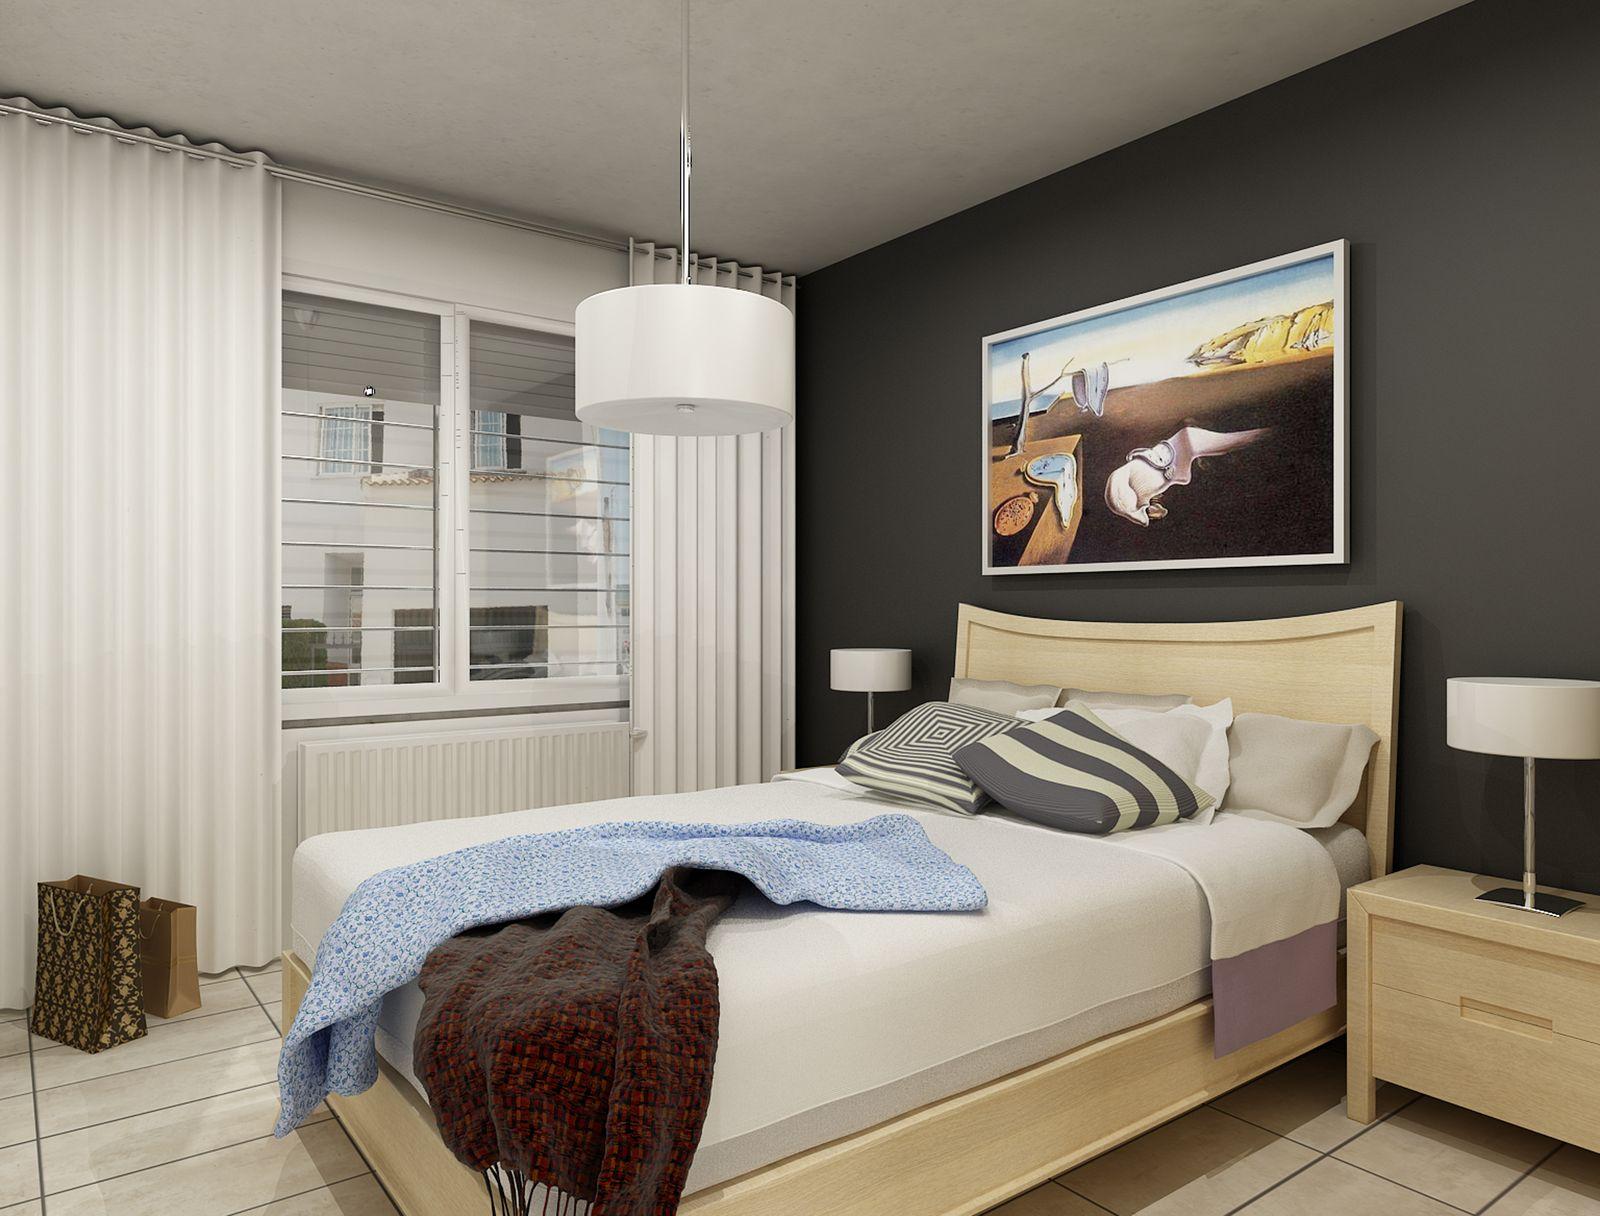 Dormitorios Peque Os Decoraci N ~ Decoracion Interiores Dormitorios